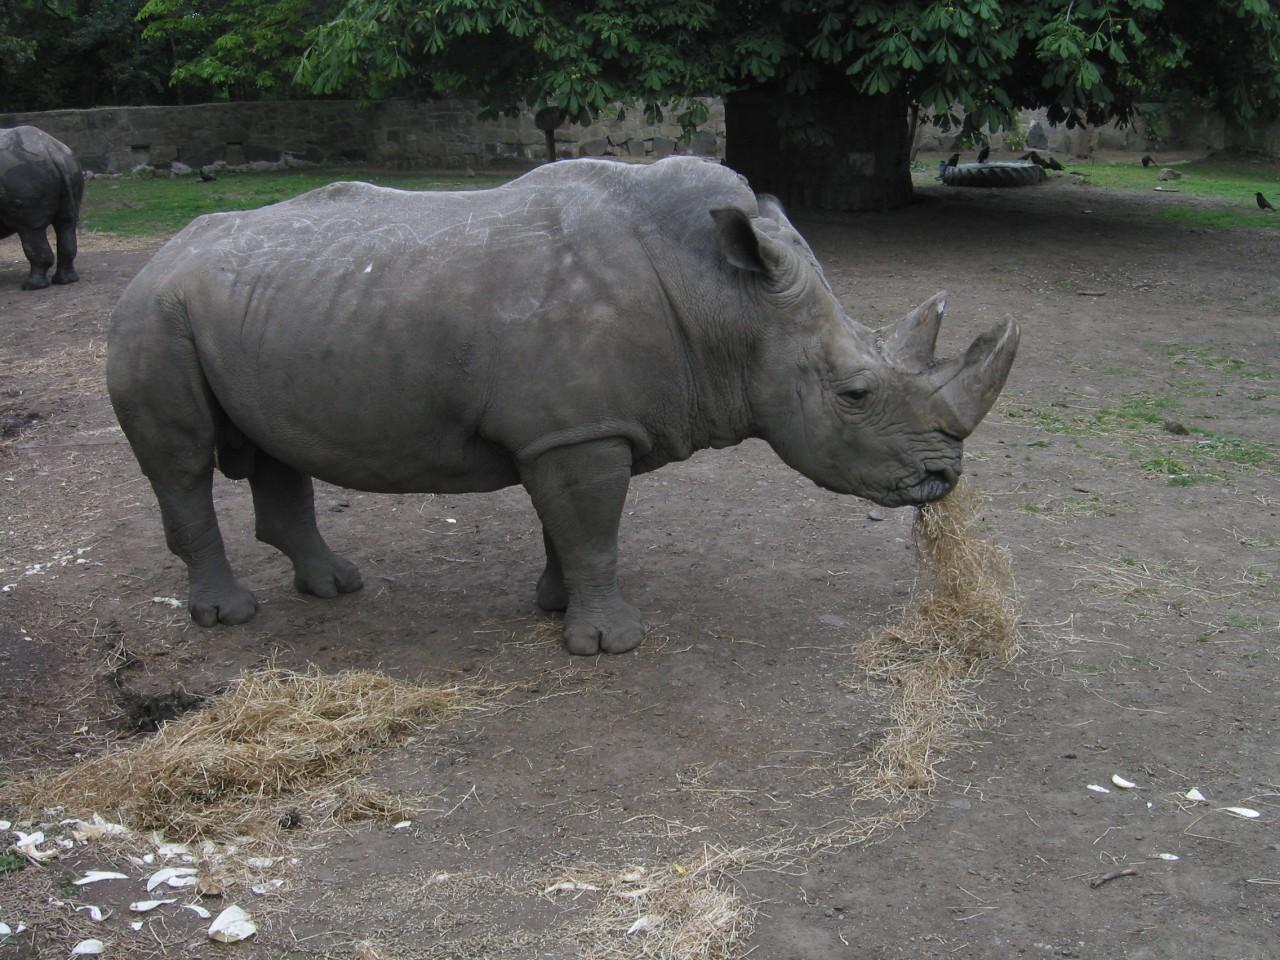 Rhino - I like food